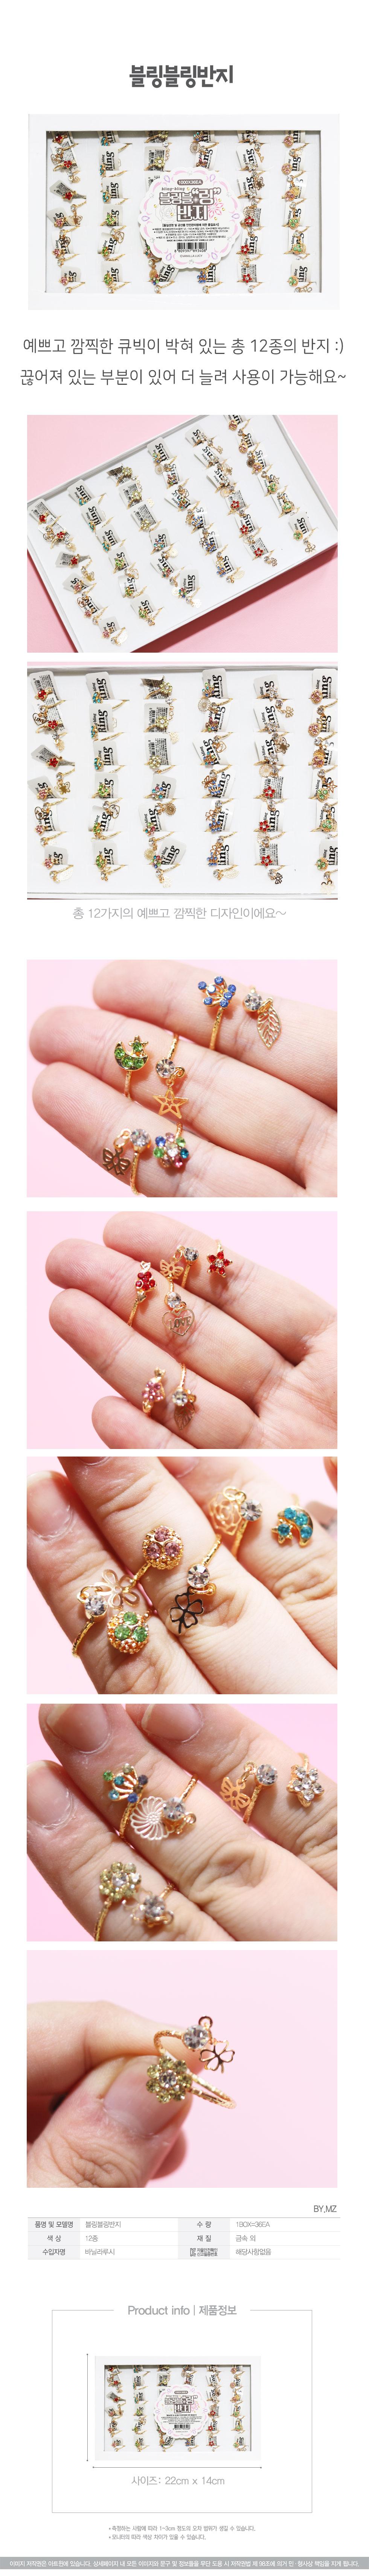 1000블링블링링반지BOX - 아트윈, 35,900원, 패션, 패션반지